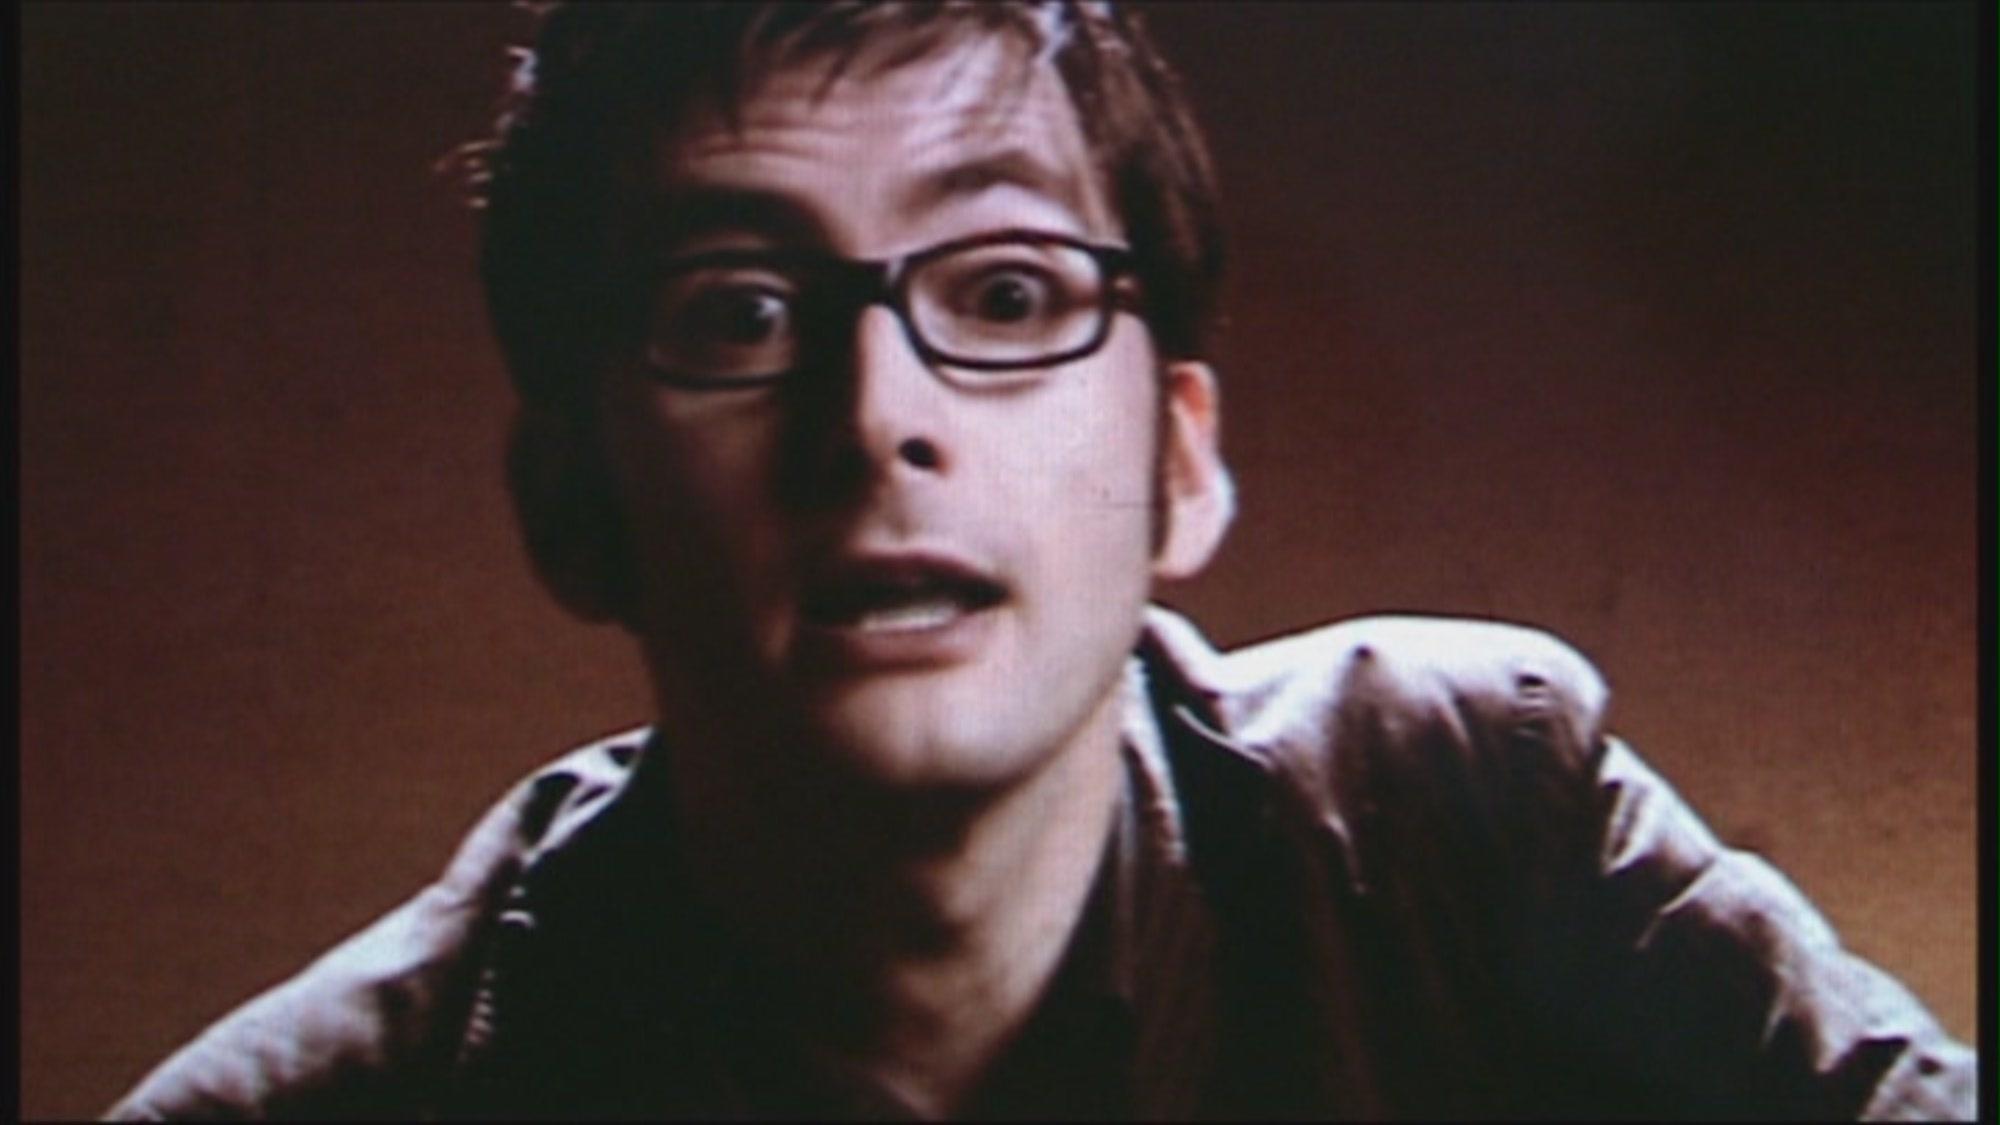 """Kadr z odcinka """"Mrugnięcie"""": pętle umożliwiają Dziesiątemu Doktorowi """"odpowiadać"""" Sally."""